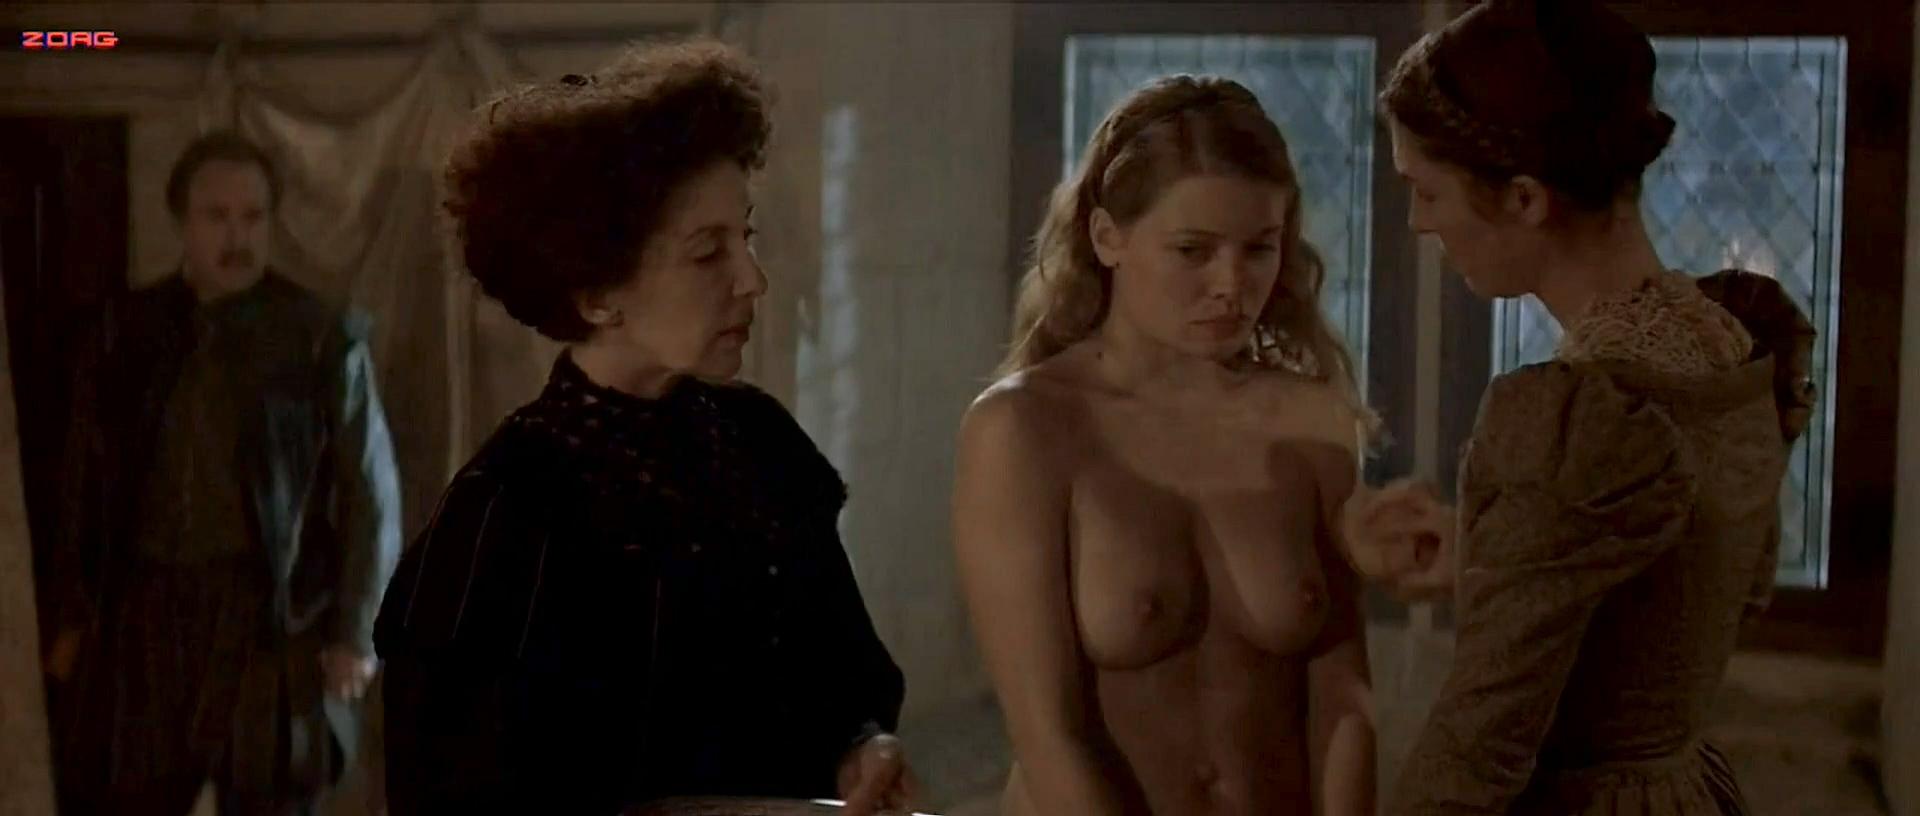 Thierry nude melanie Mélanie Thierry